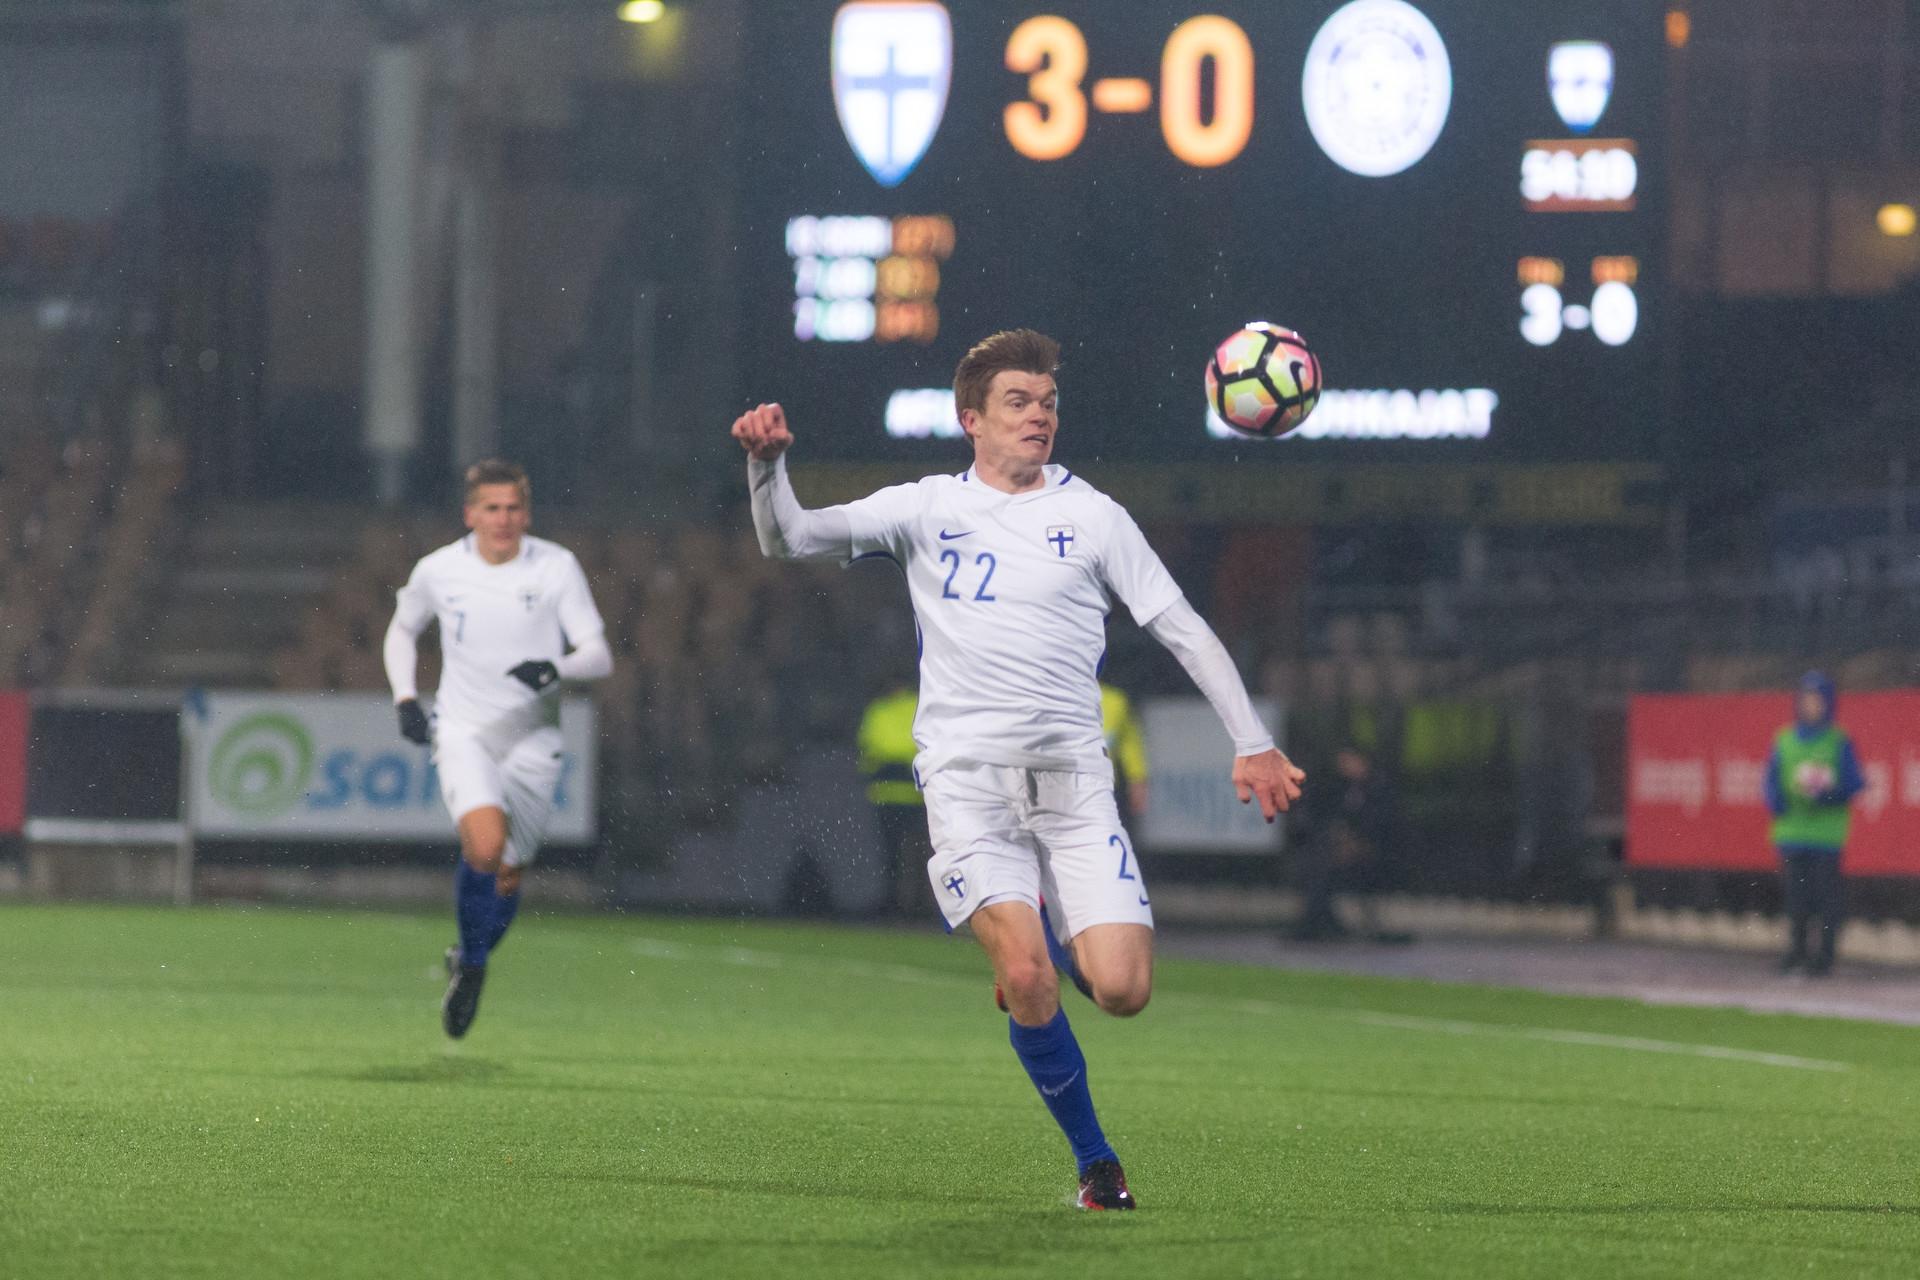 33f0cf94722 Soome koondise peatreener Markku Kanerva teatas meeskonna koosseisu  eelseisvateks Rahvuste liiga mängudeks Ungari ja Eestiga.